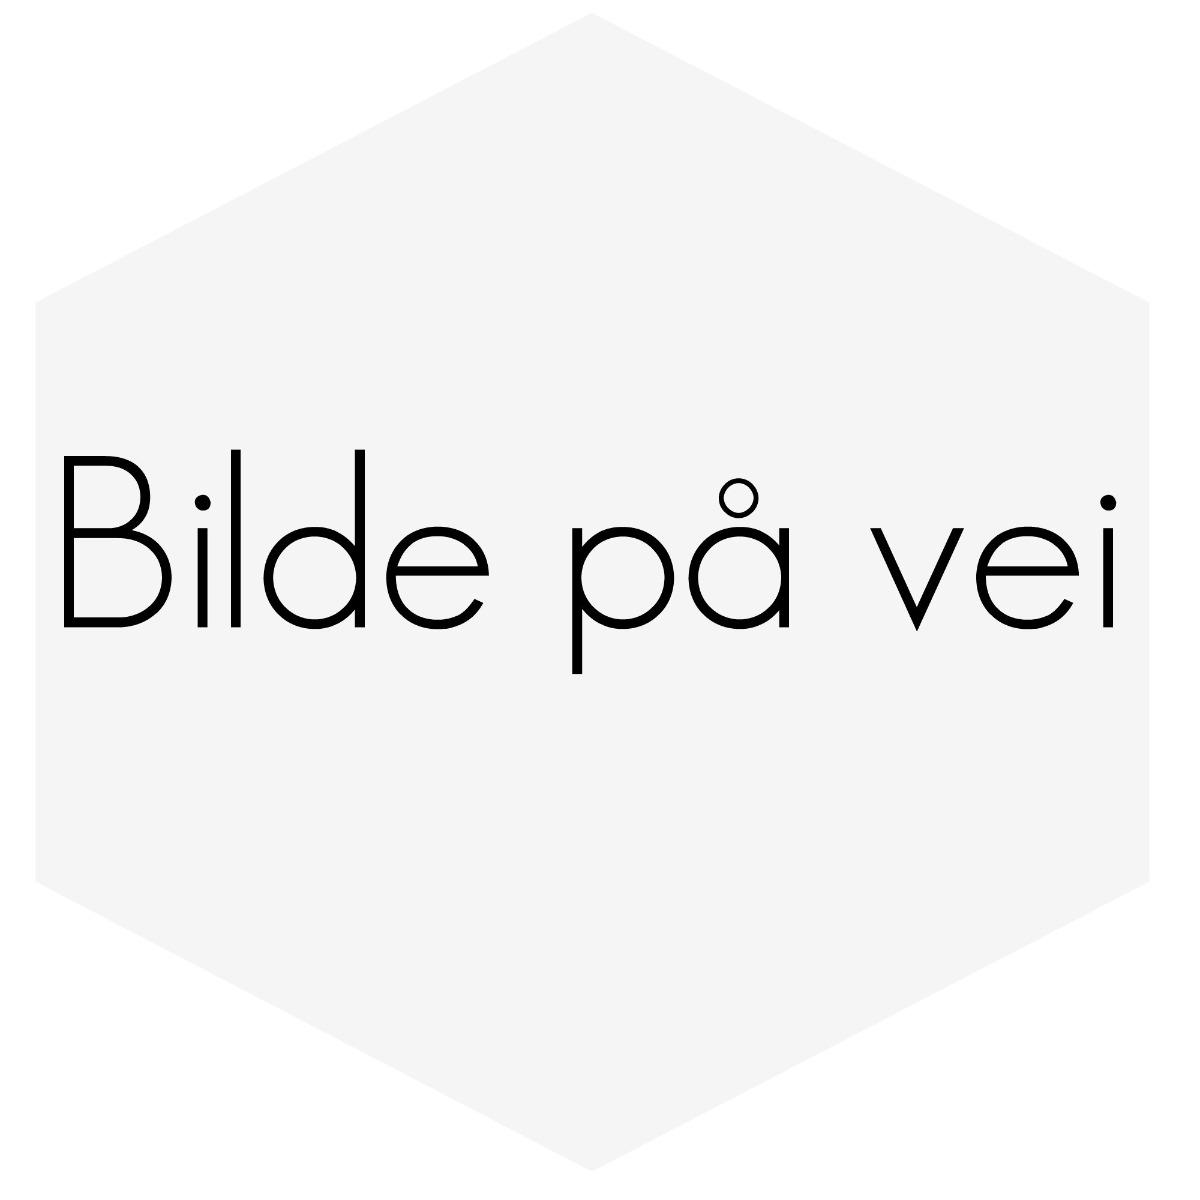 RADIATOR ØVRE SLANG 240-75-93 270615